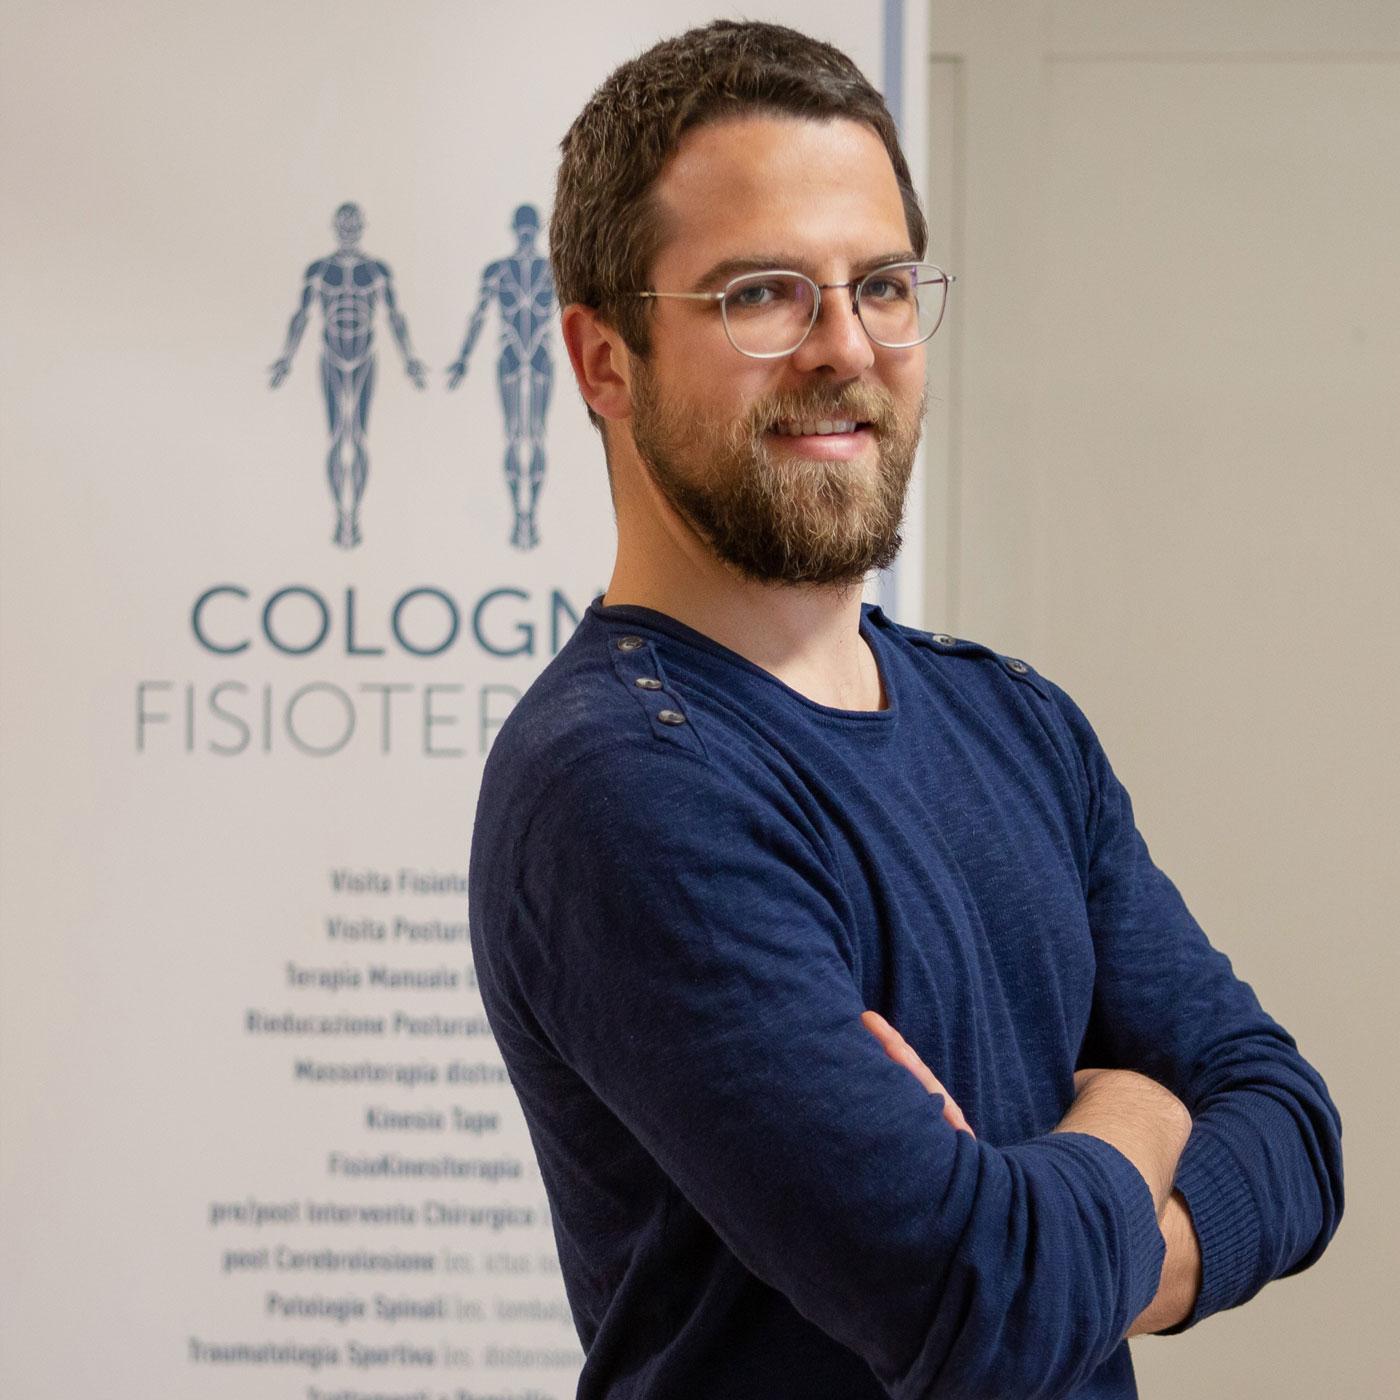 Pier Alberto Bressan - Cologna Fisioterapia